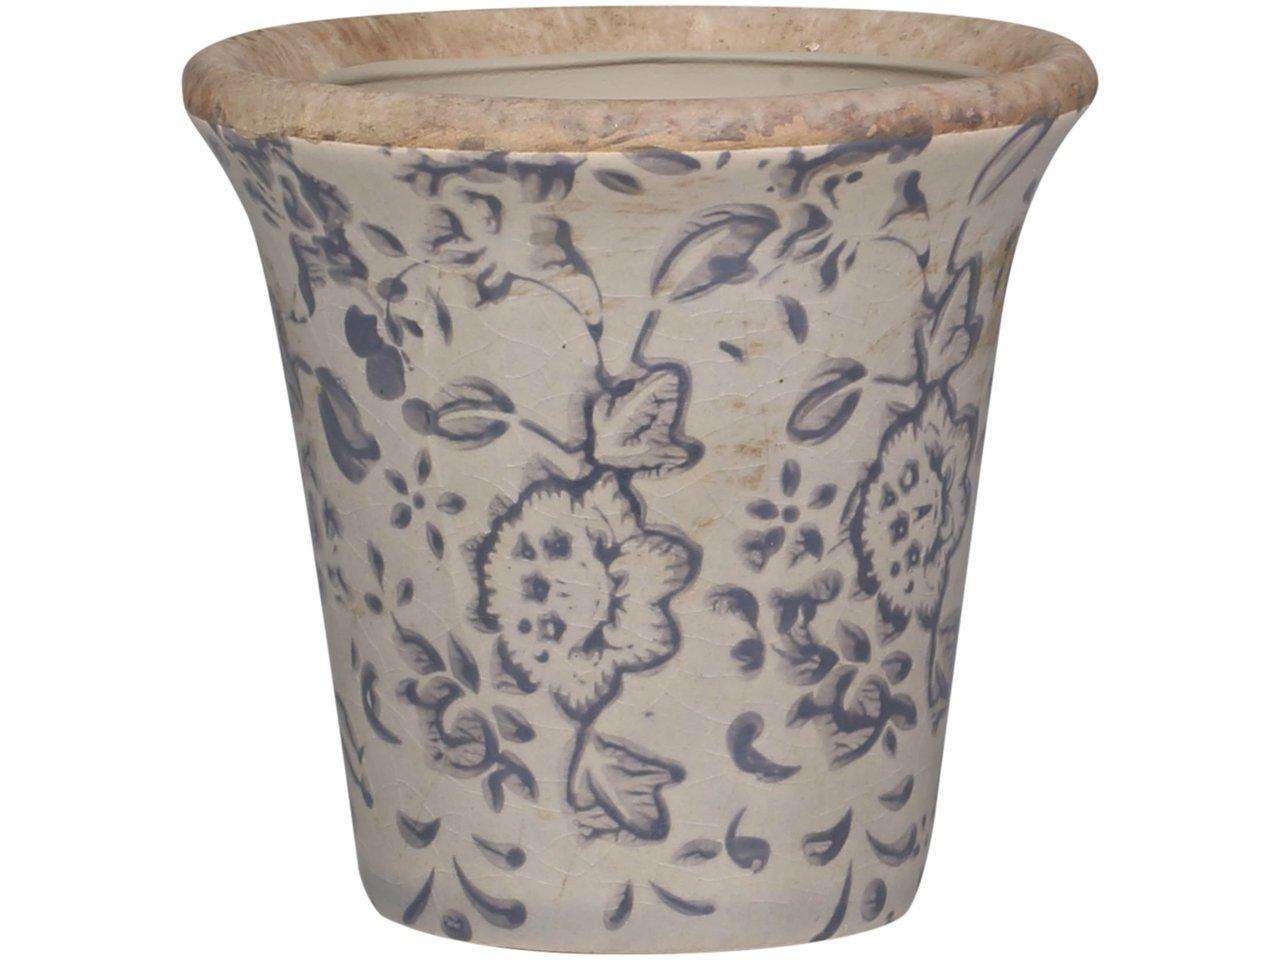 Chic Antique Melun Keramik Übertopf mit französischem Muster